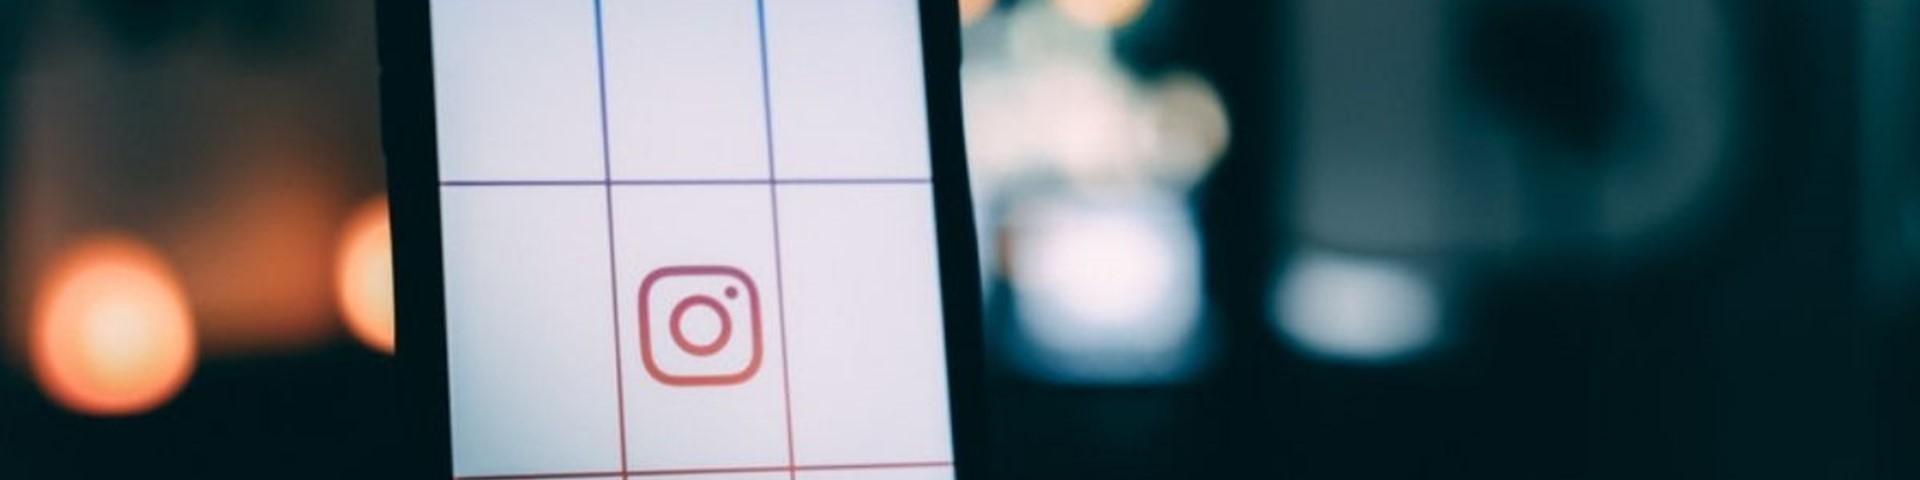 Fim dos likes? Mudança no Instagram poderá ocultar as curtidas